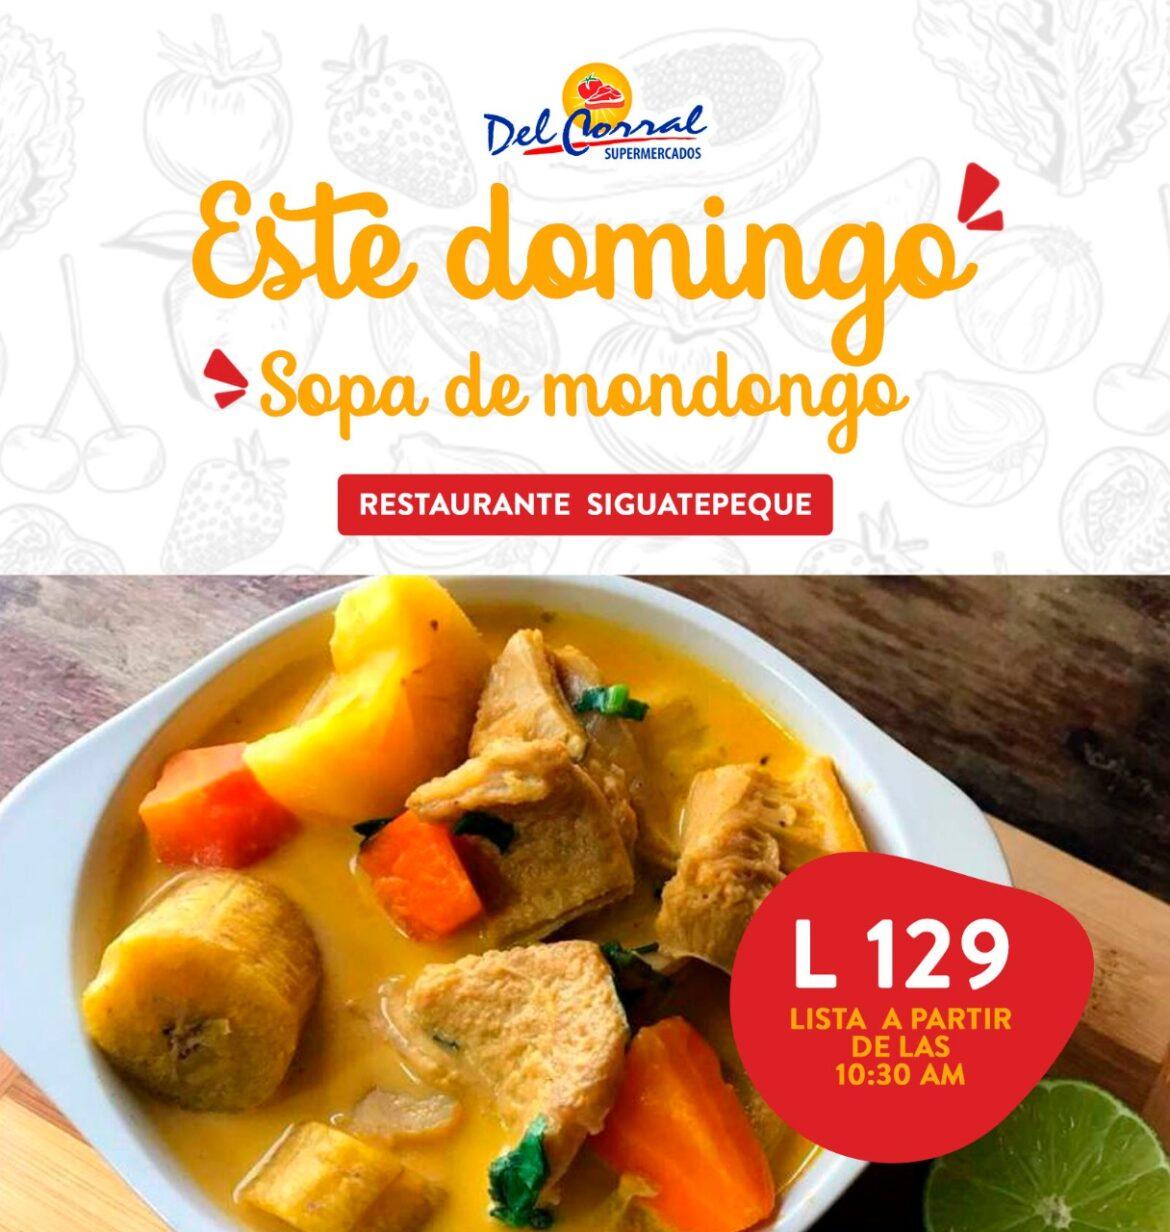 Supermercados Del Corral le ofrece este domingo deliciosa sopa de mondongo